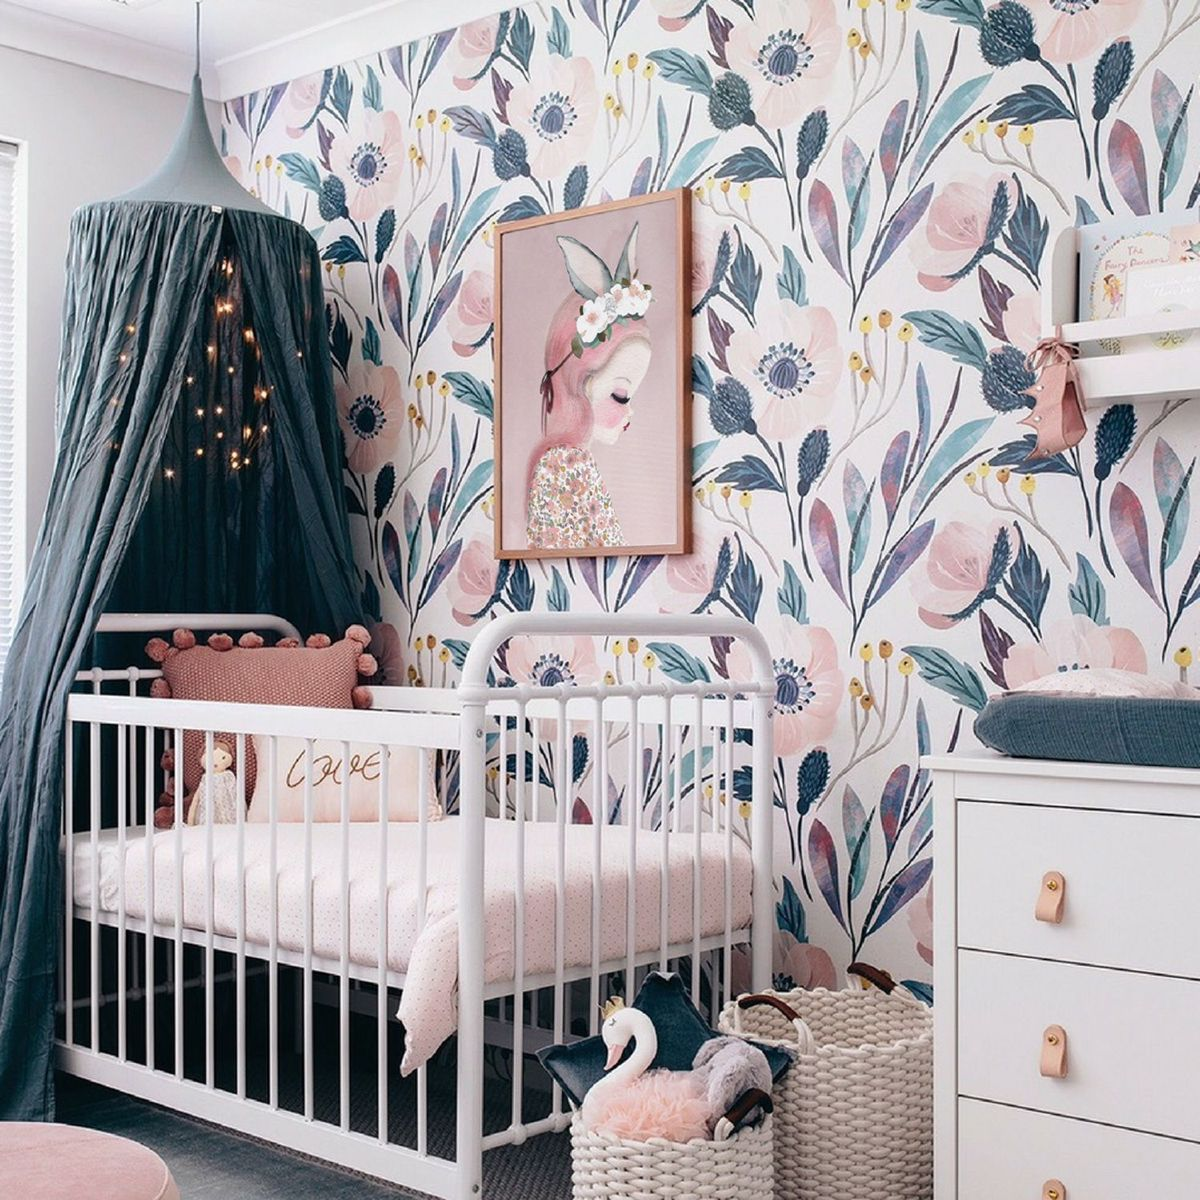 Pin On Girls Bedroom Ideas Unisex bedroom wallpaper ideas